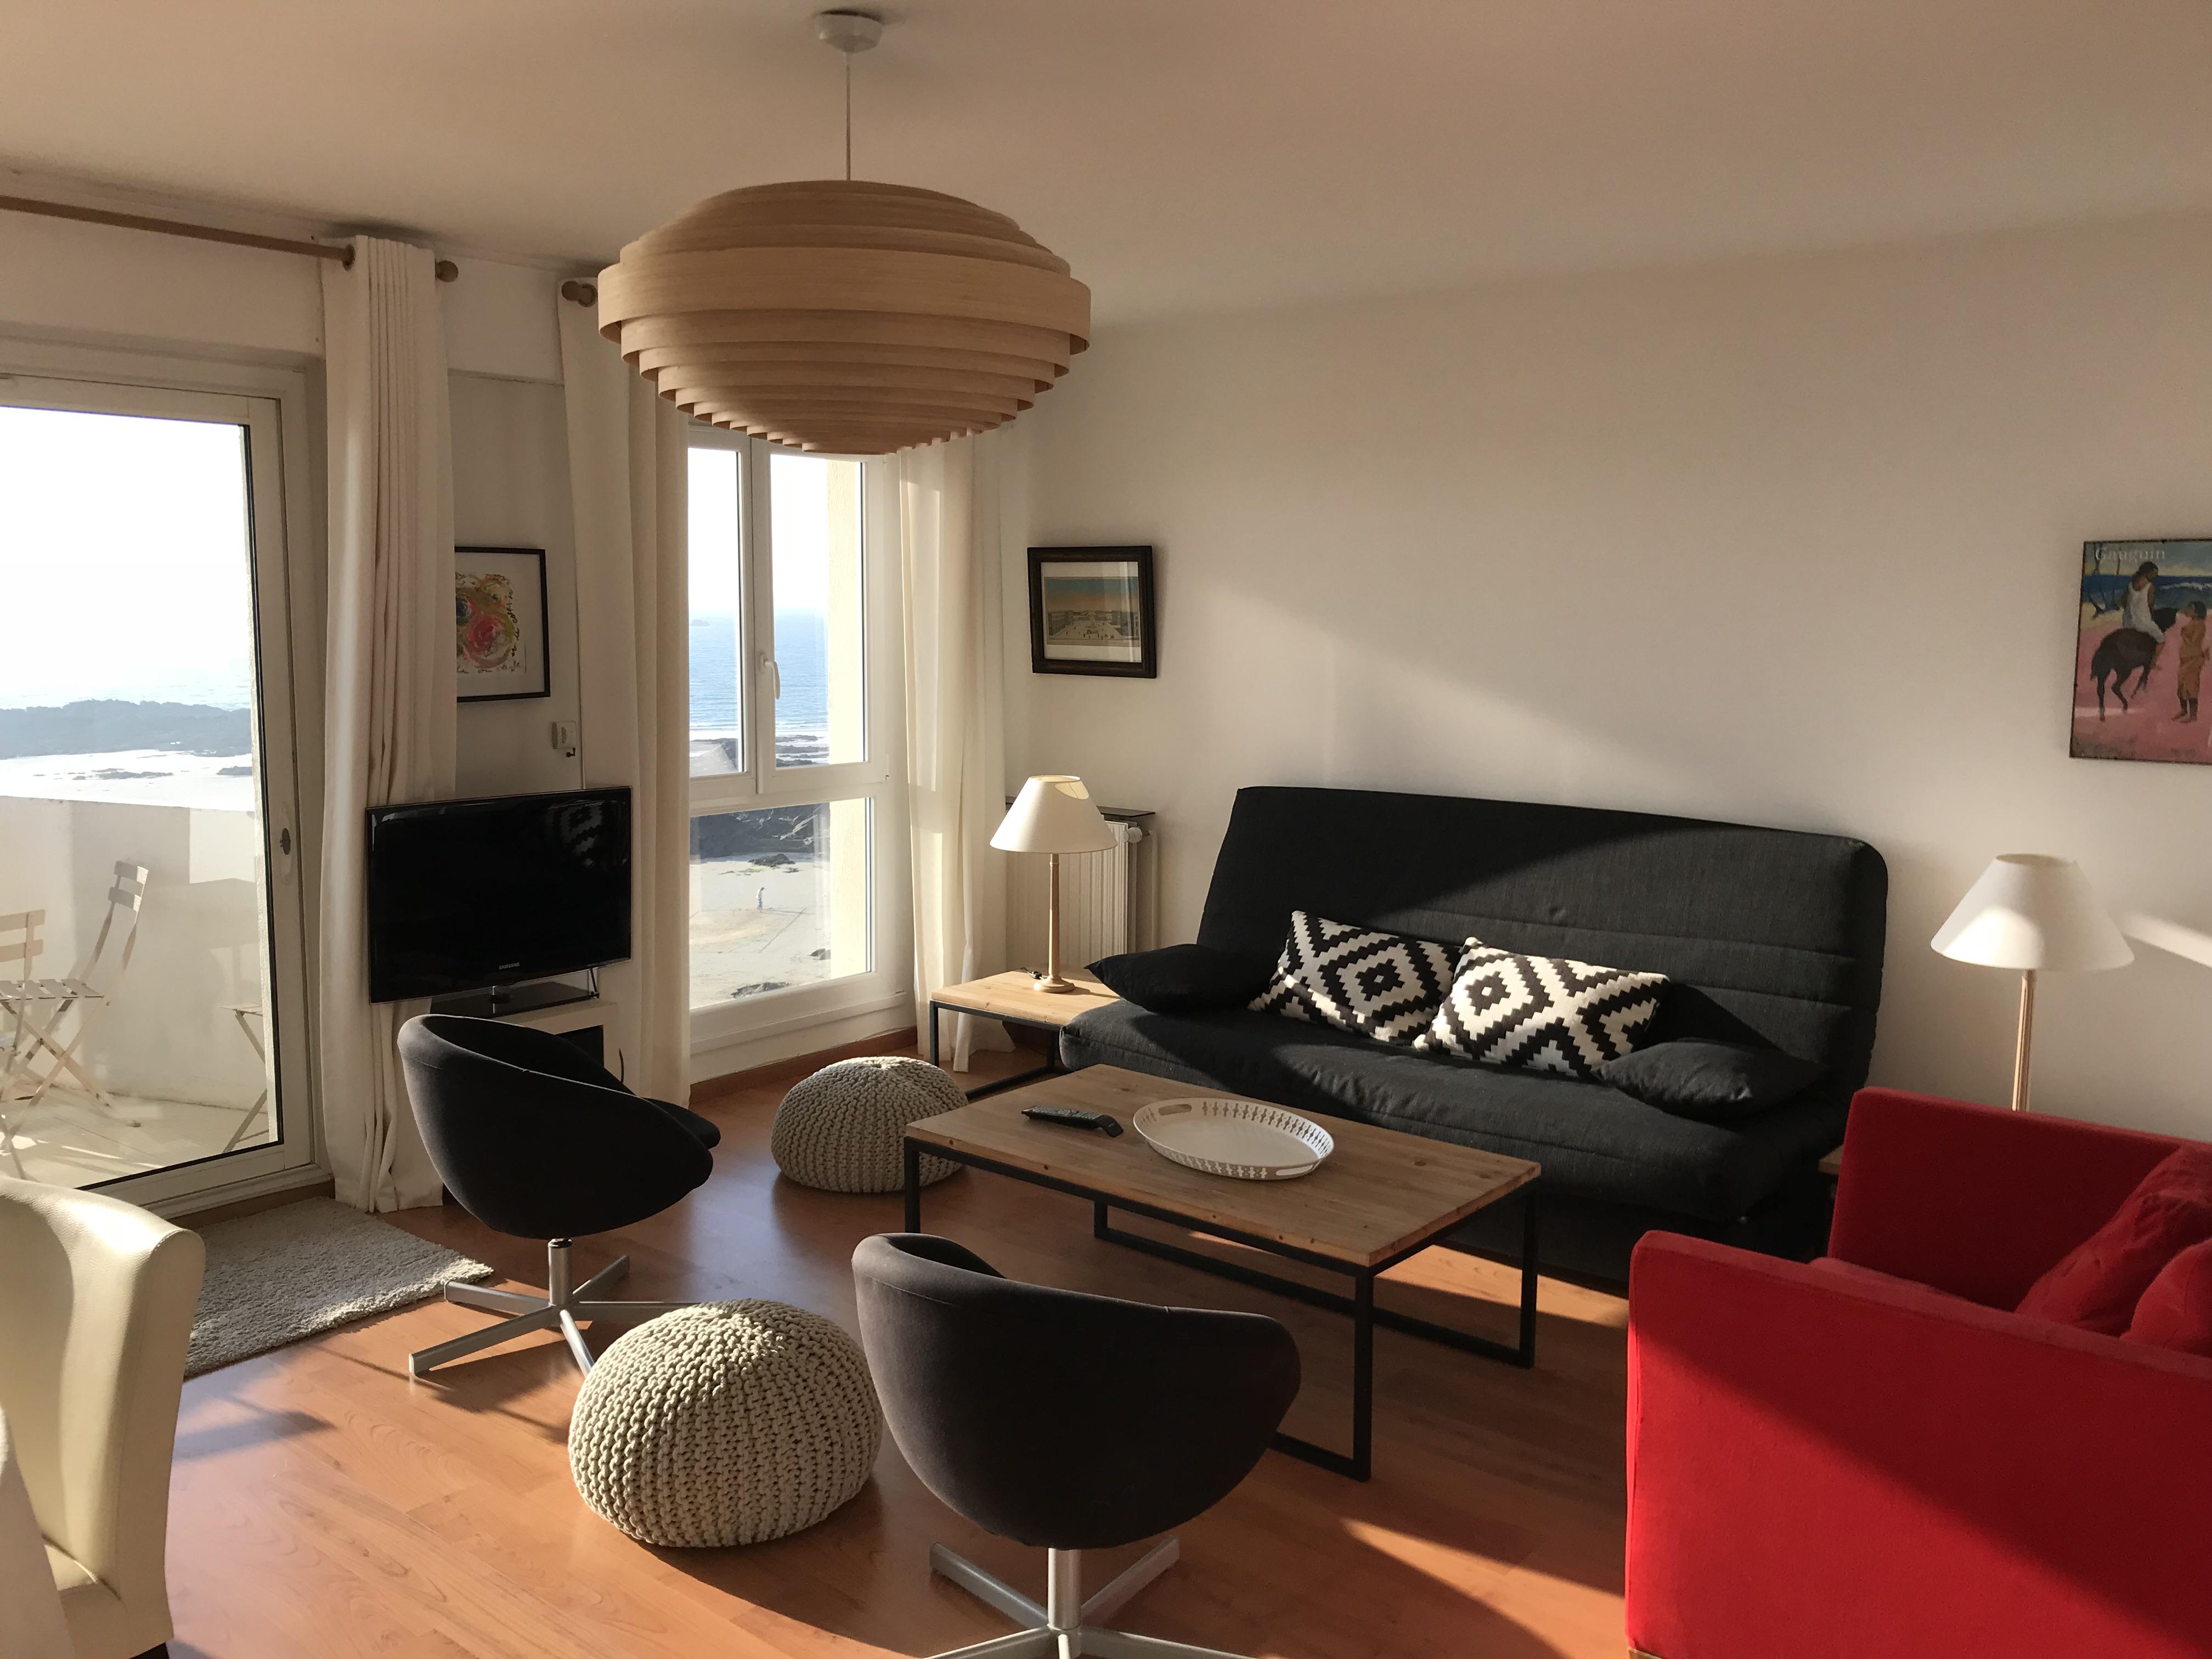 Trotel Immobilier - Bel Horizon